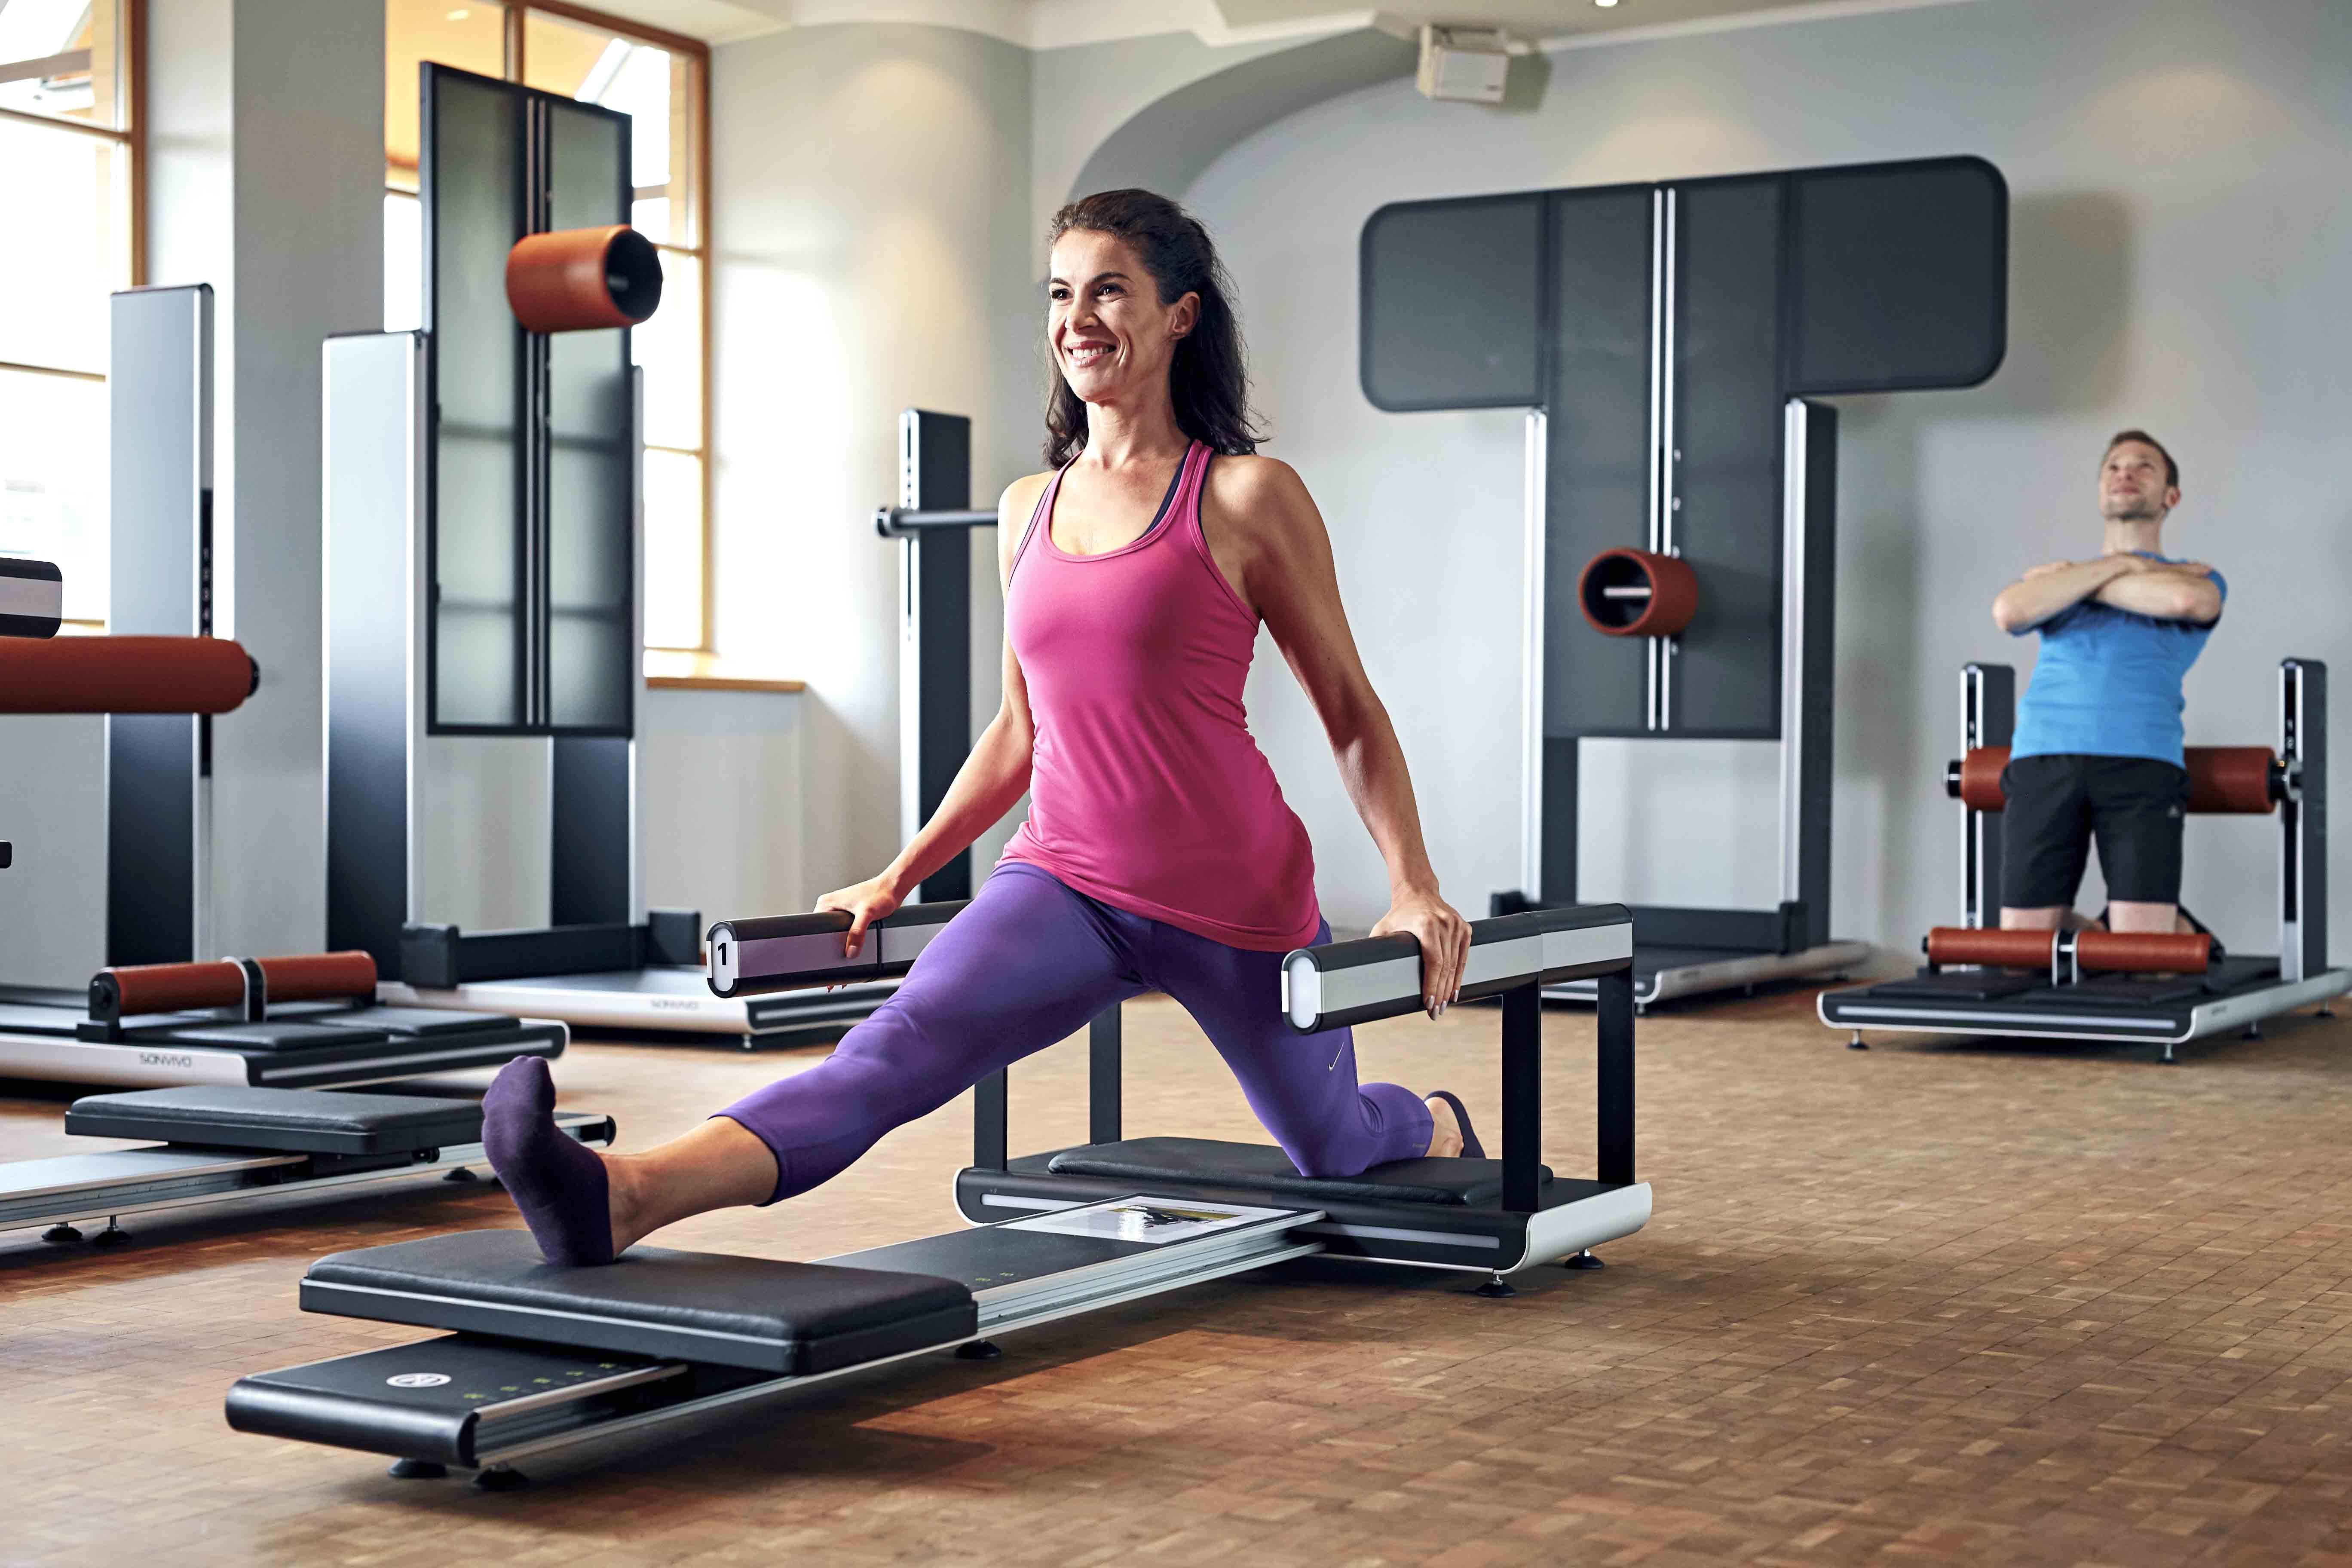 Jetzt wird es entspannt, im heutigen Türchen gibt es für euch zwei Tageskarten für Fitness und Wellness im Meridian zu gewinnen. | ichsowirsode.